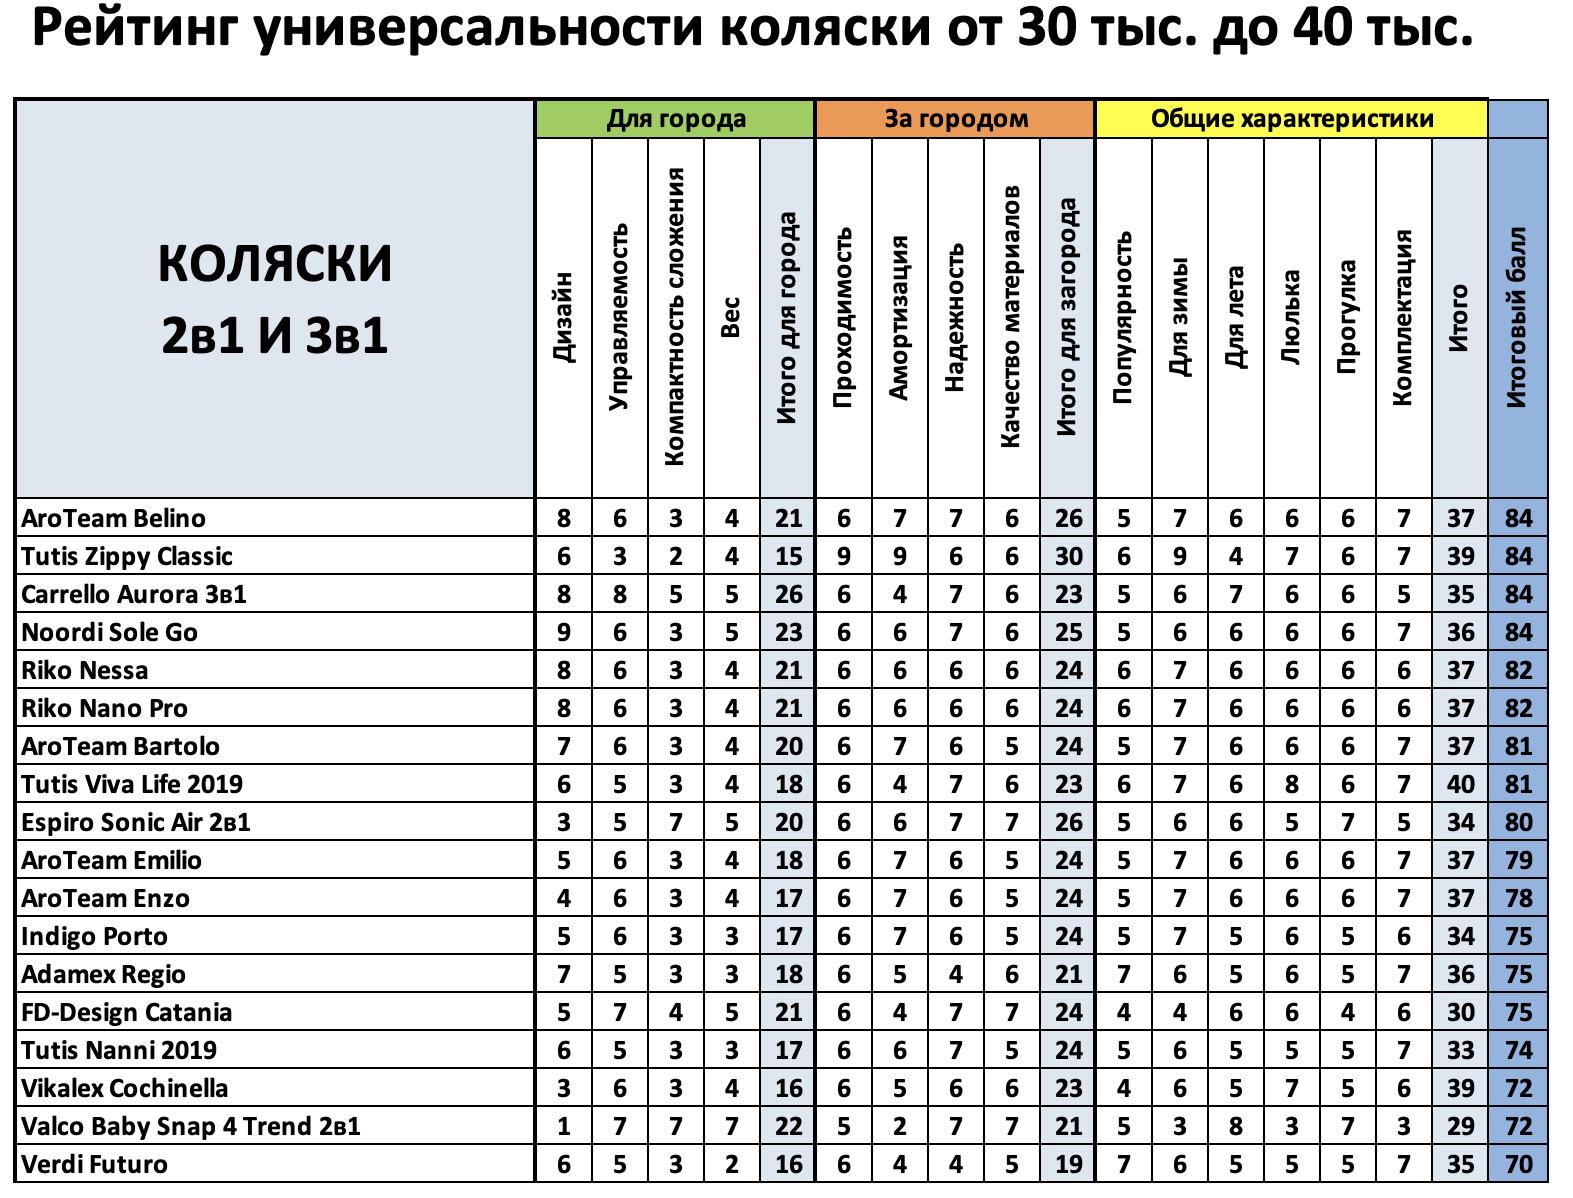 рейтинг колясок с рождения 2 в 1 и 3 в 1 до 40 тыс руб